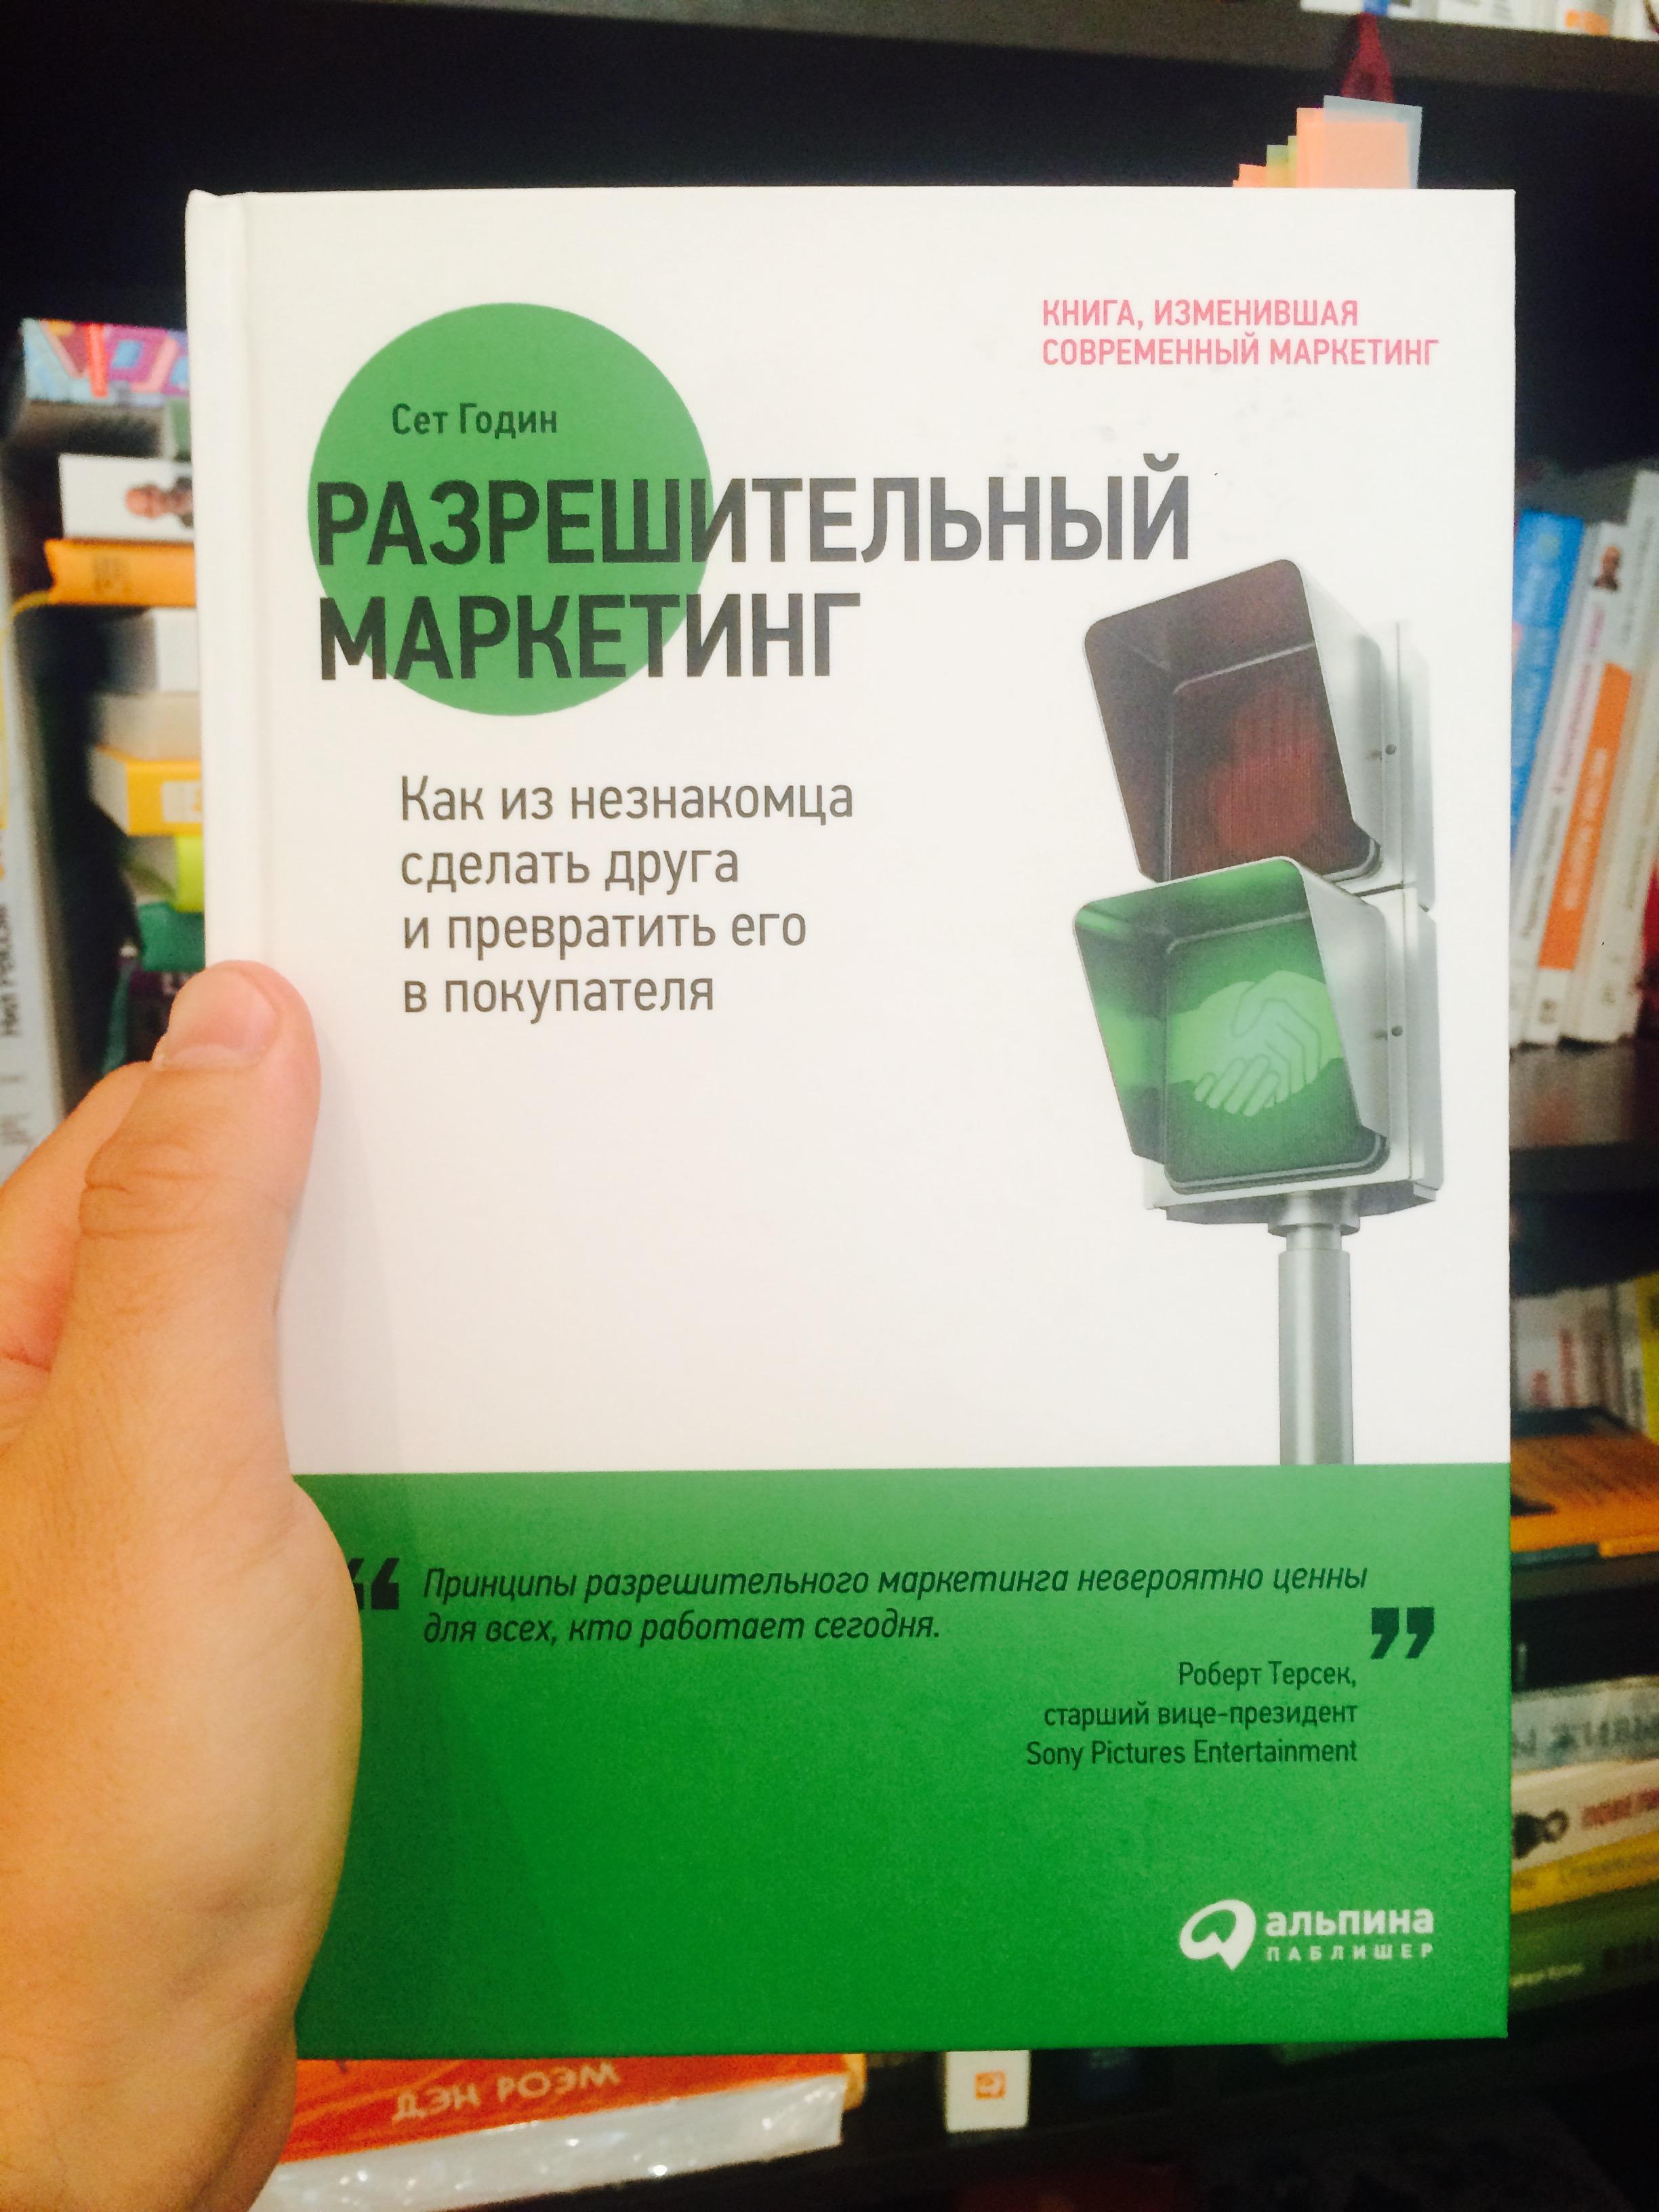 Разрешительный маркетинг